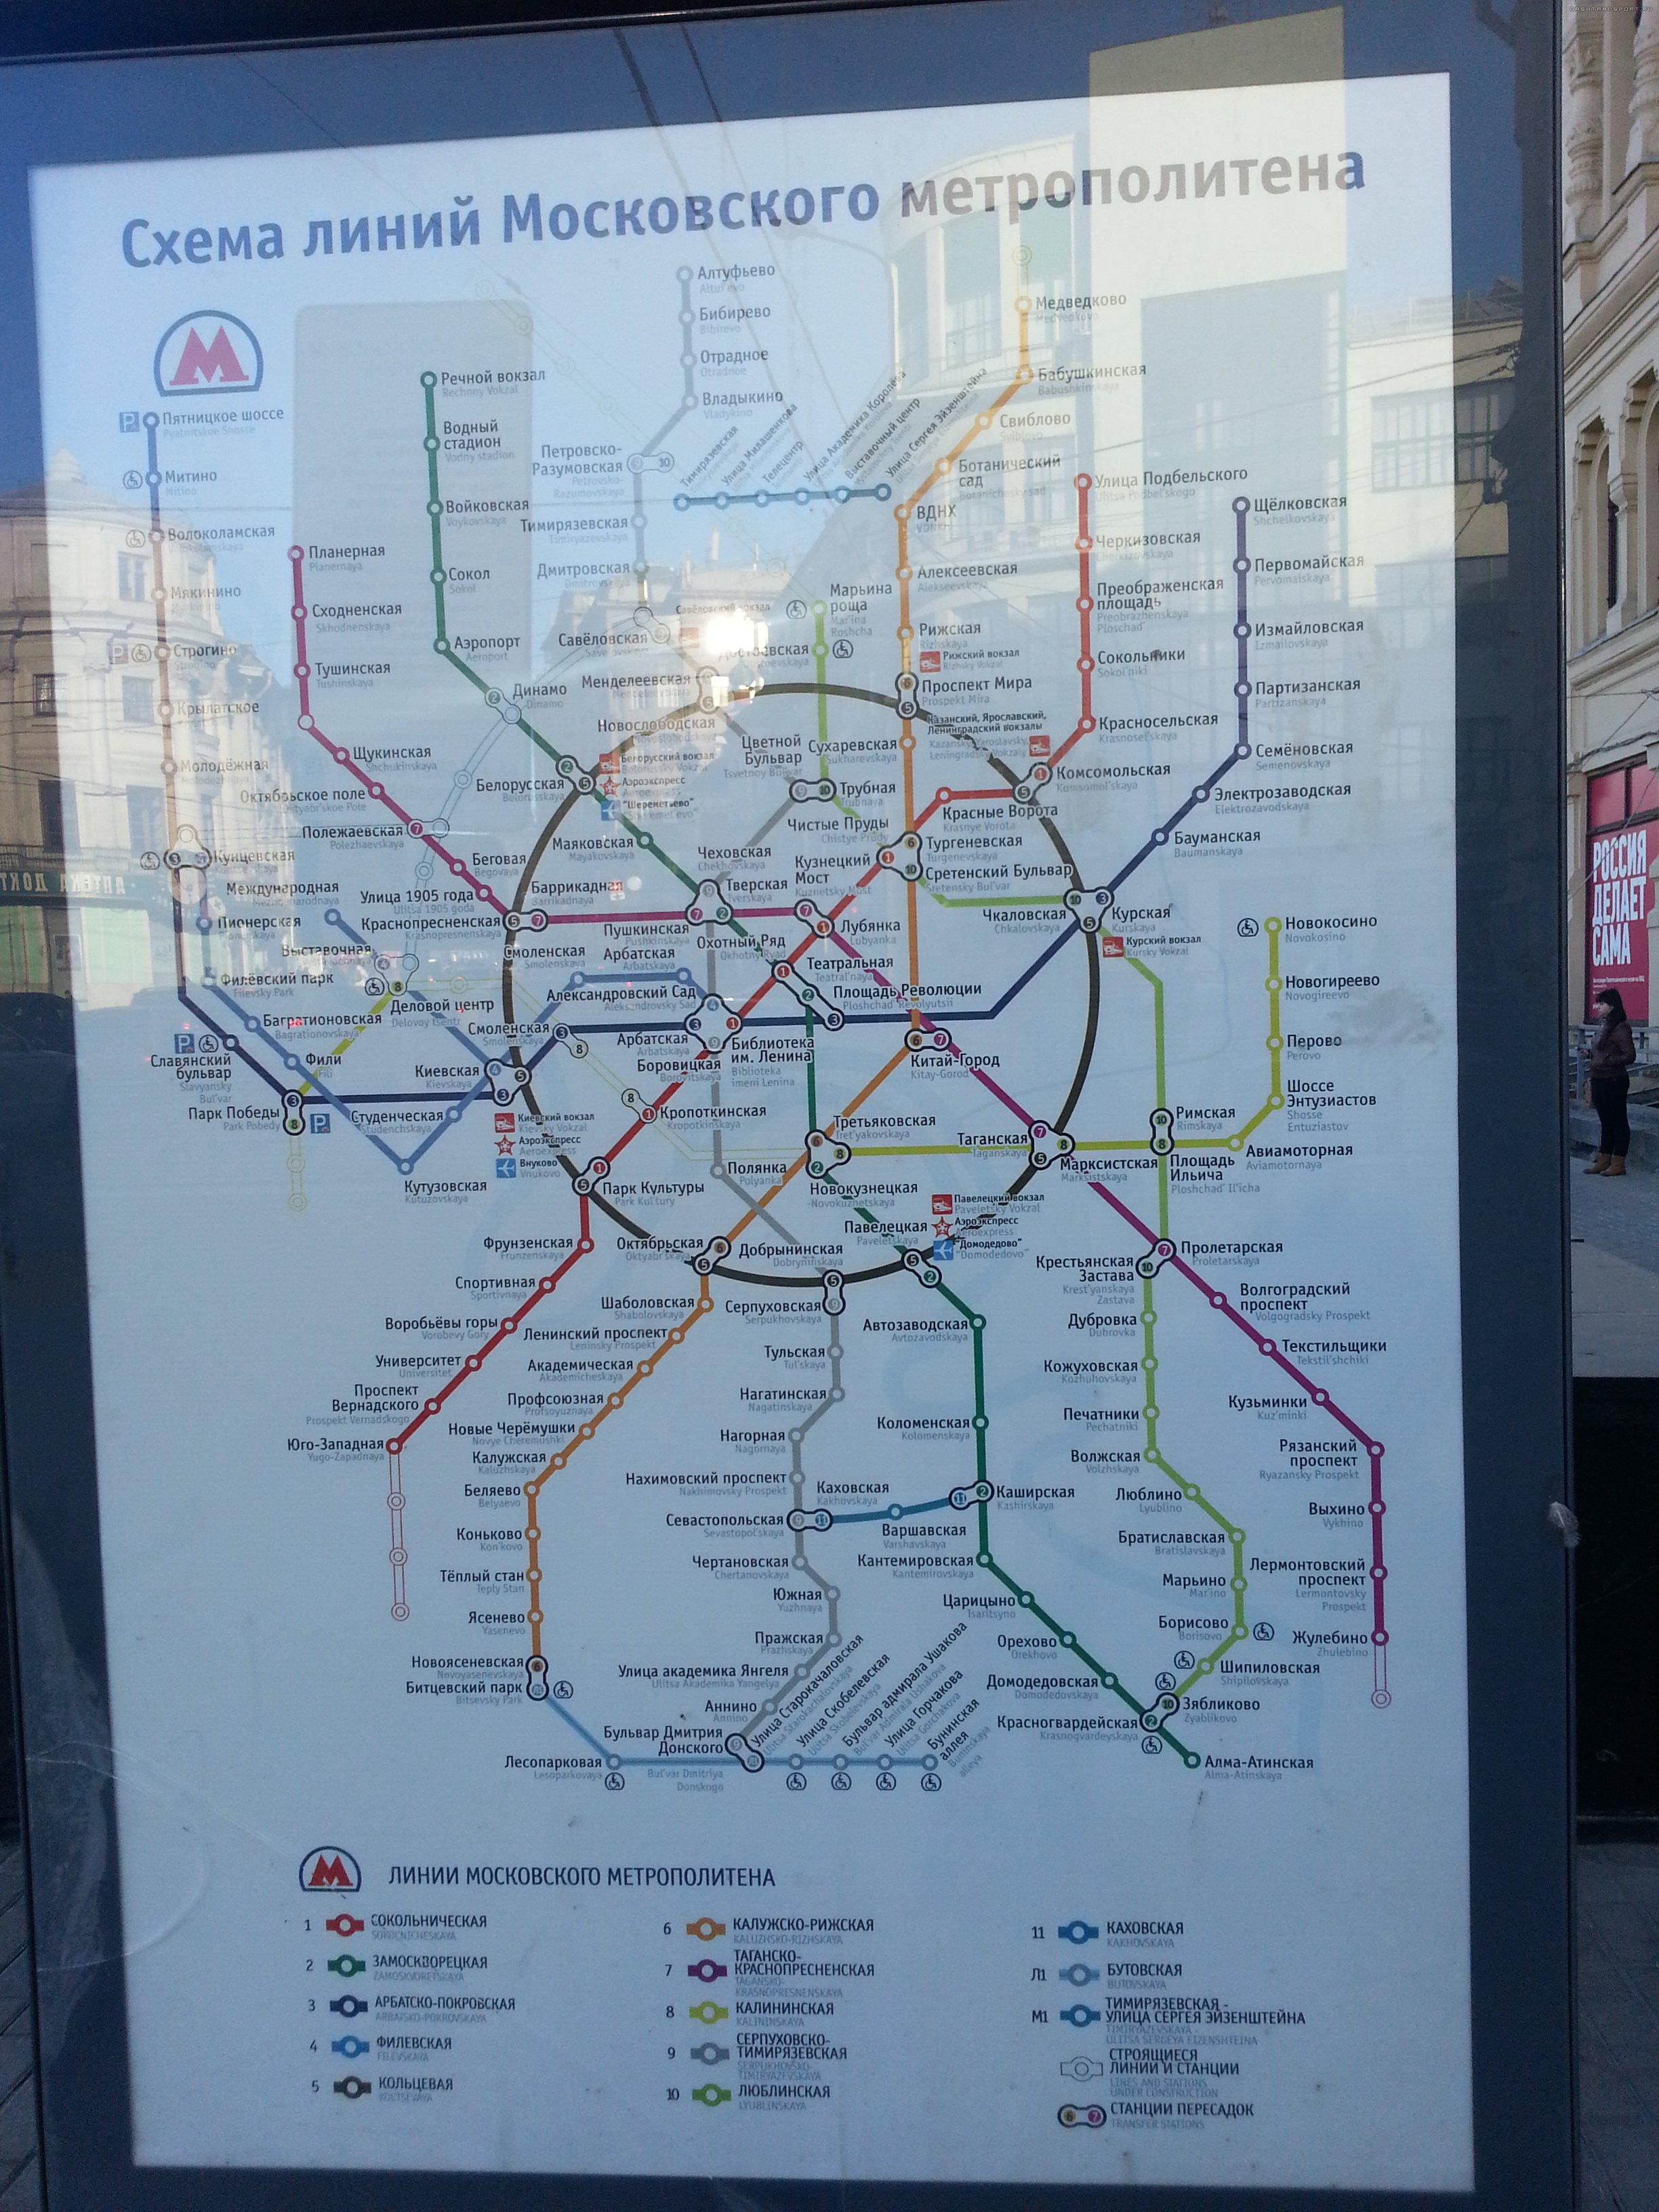 метро котельники на схеме метро